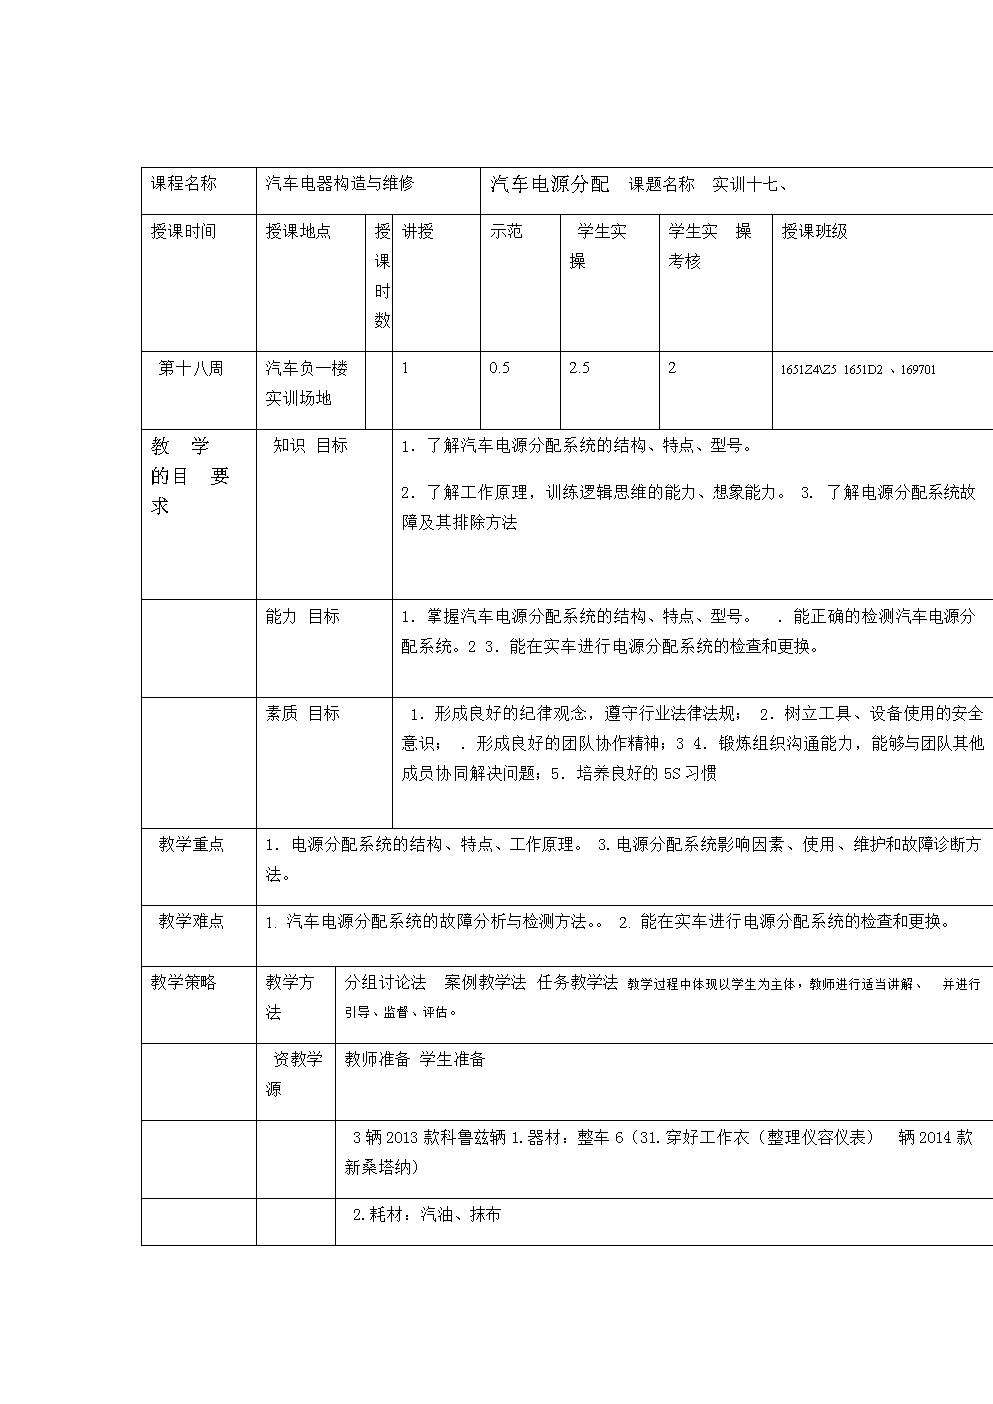 汽车电器教案电源分配.doc